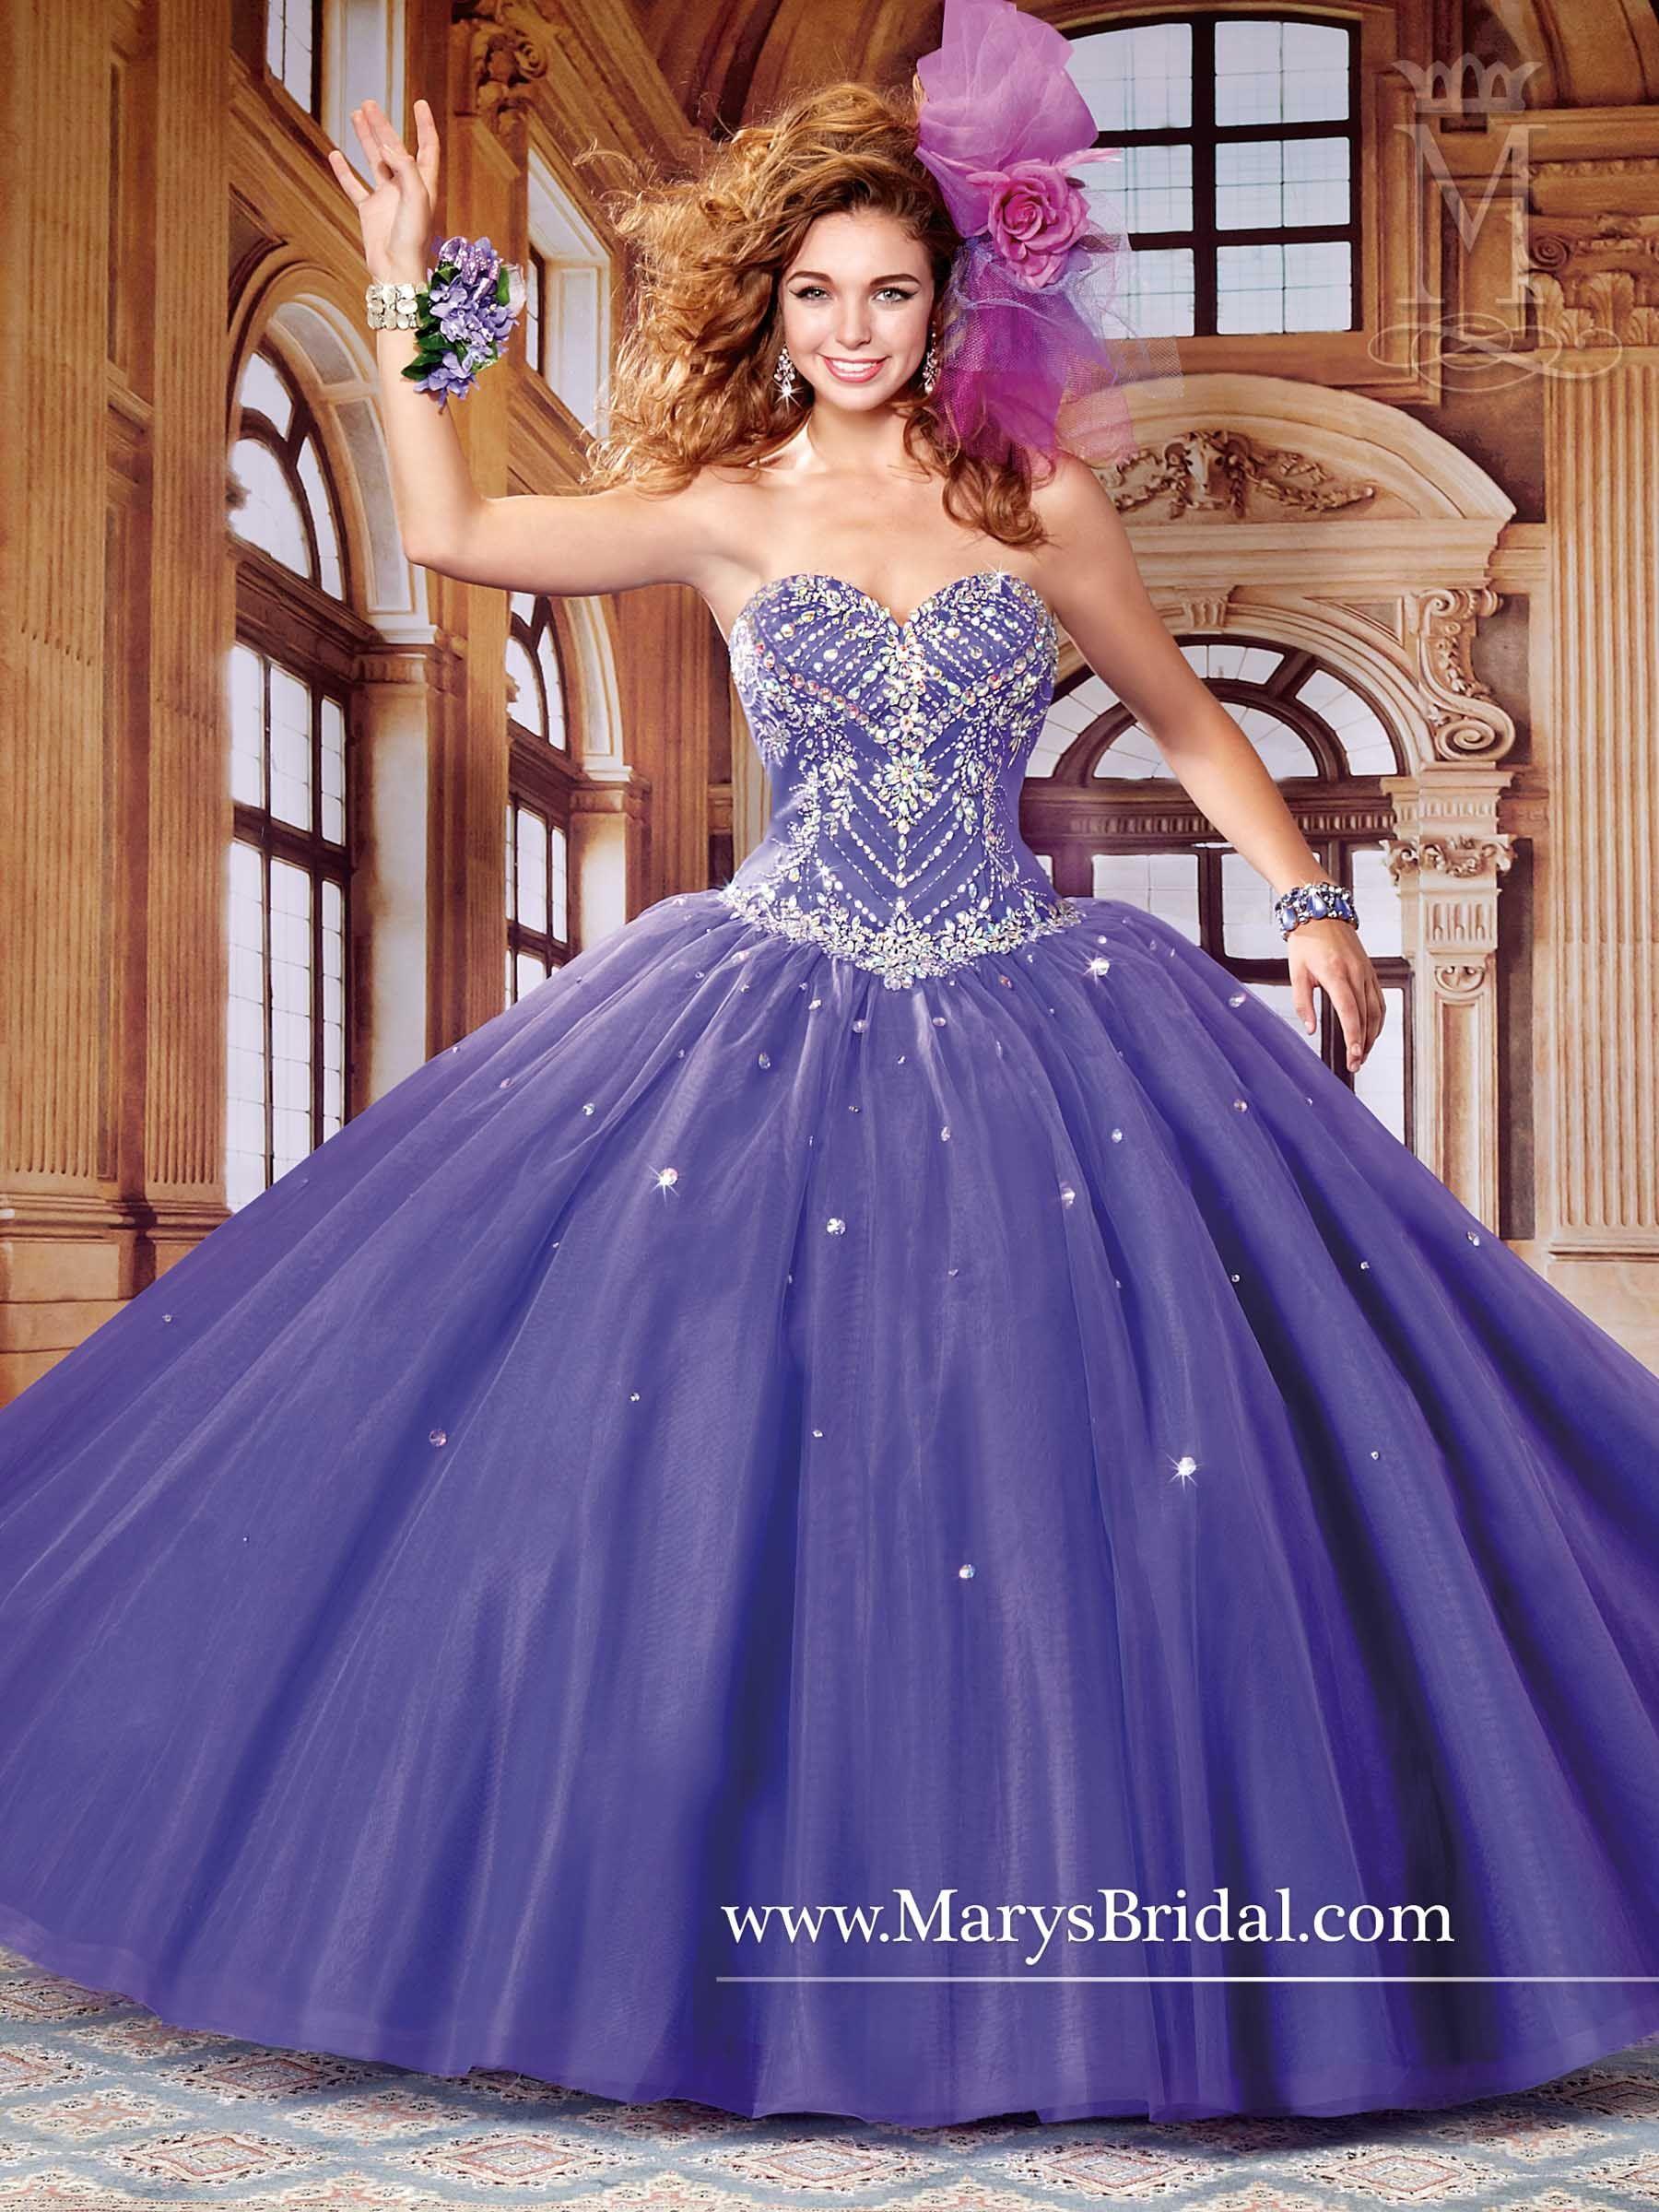 Vistoso Vestidos De Novia Góticos Para La Venta Ornamento - Vestido ...